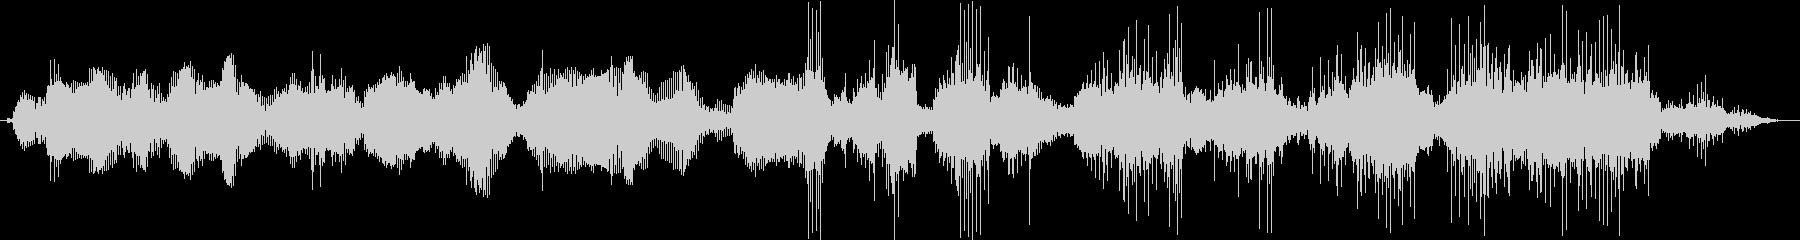 音調のエレクトロボイスコミュニケーションの未再生の波形